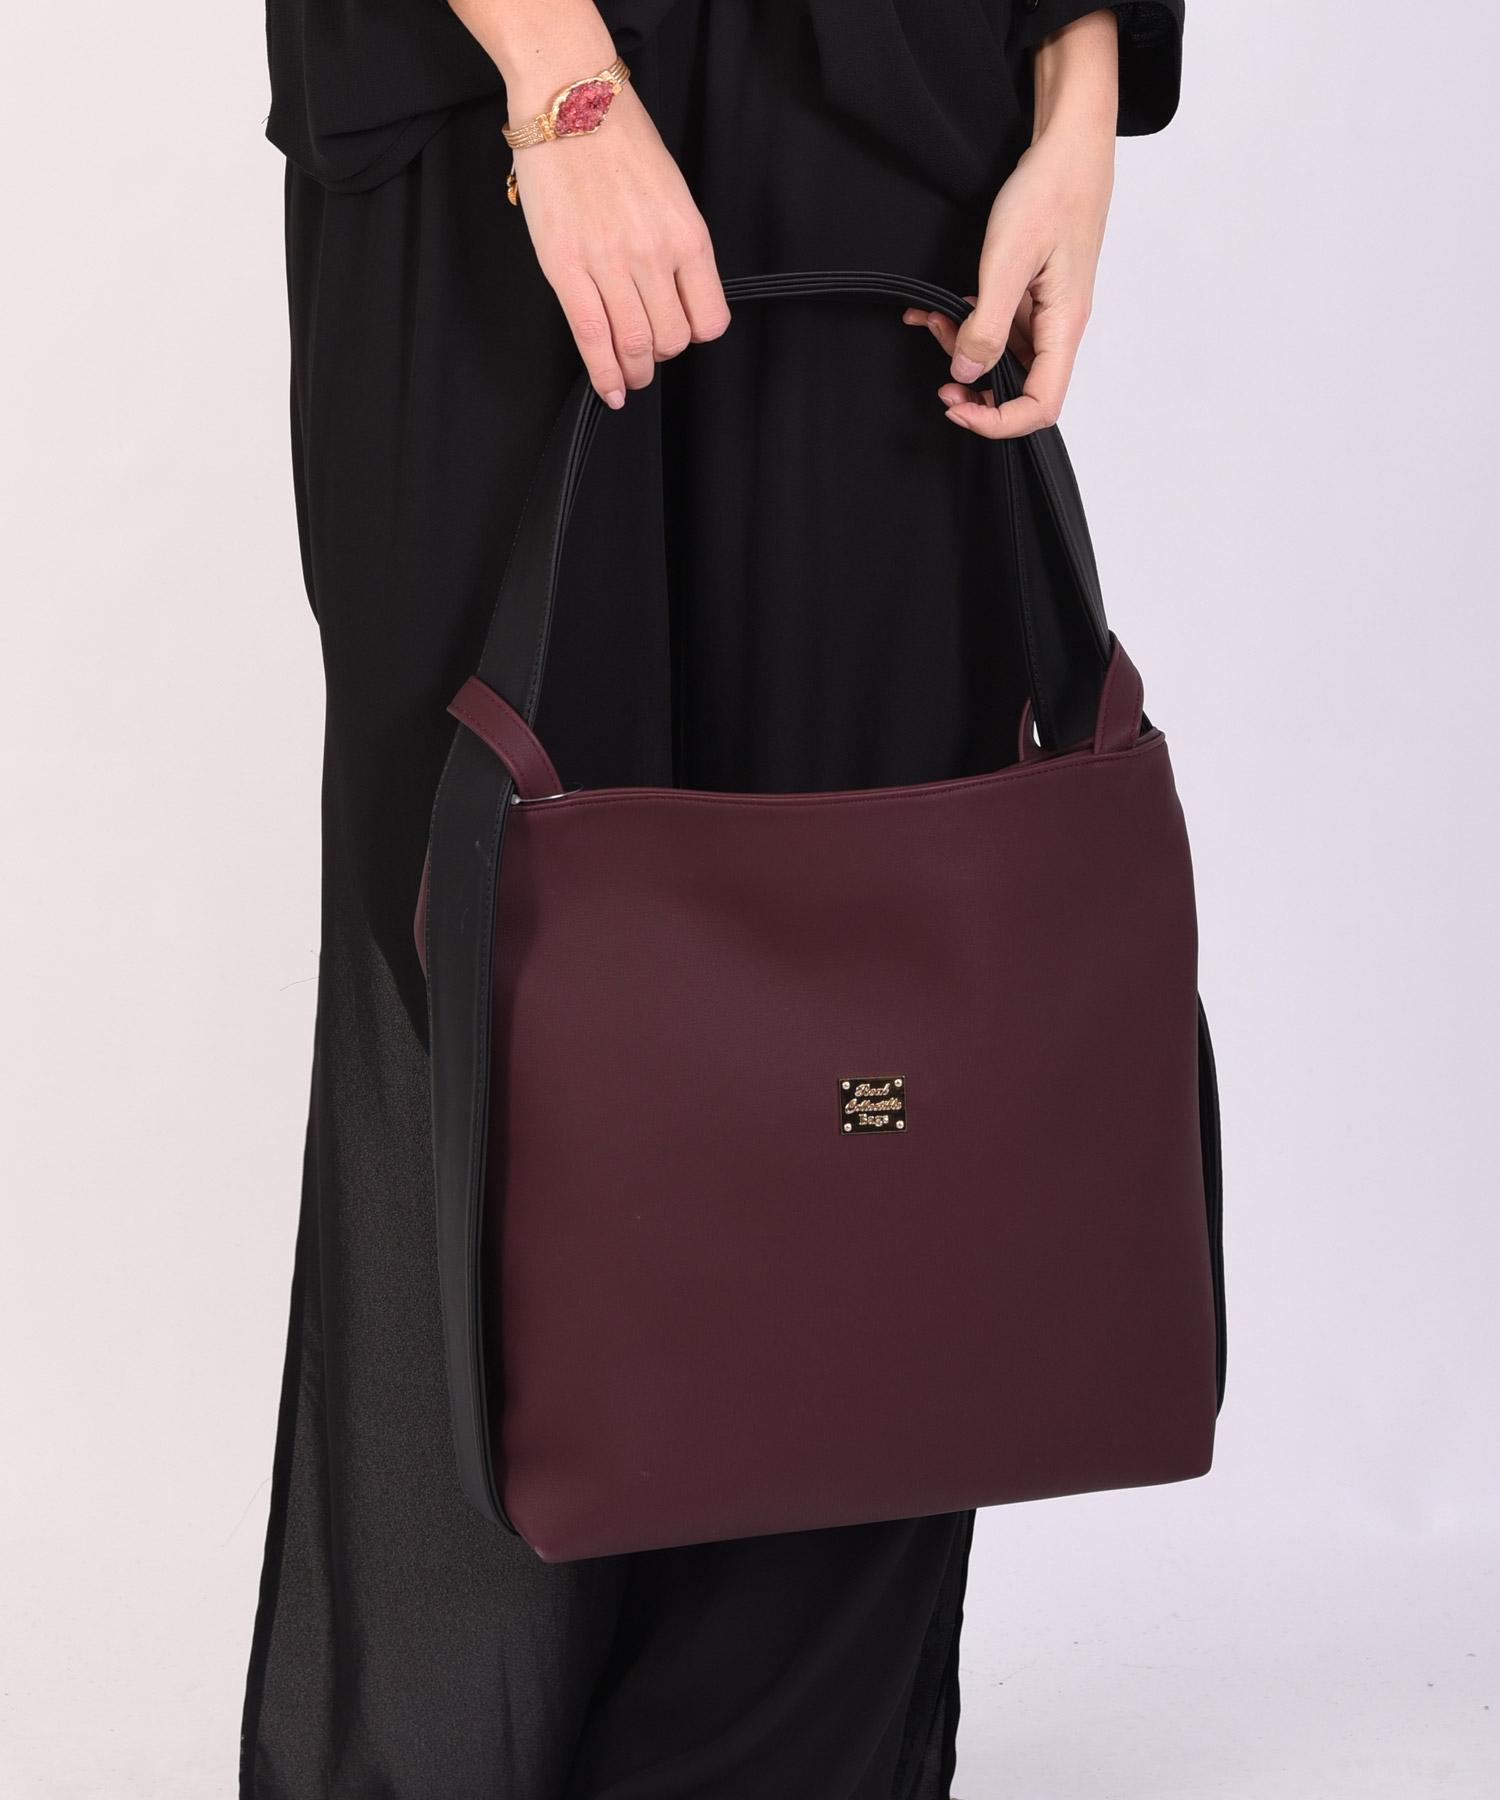 Τσάντα ώμου μεγάλη μπορντώ με μαύρο